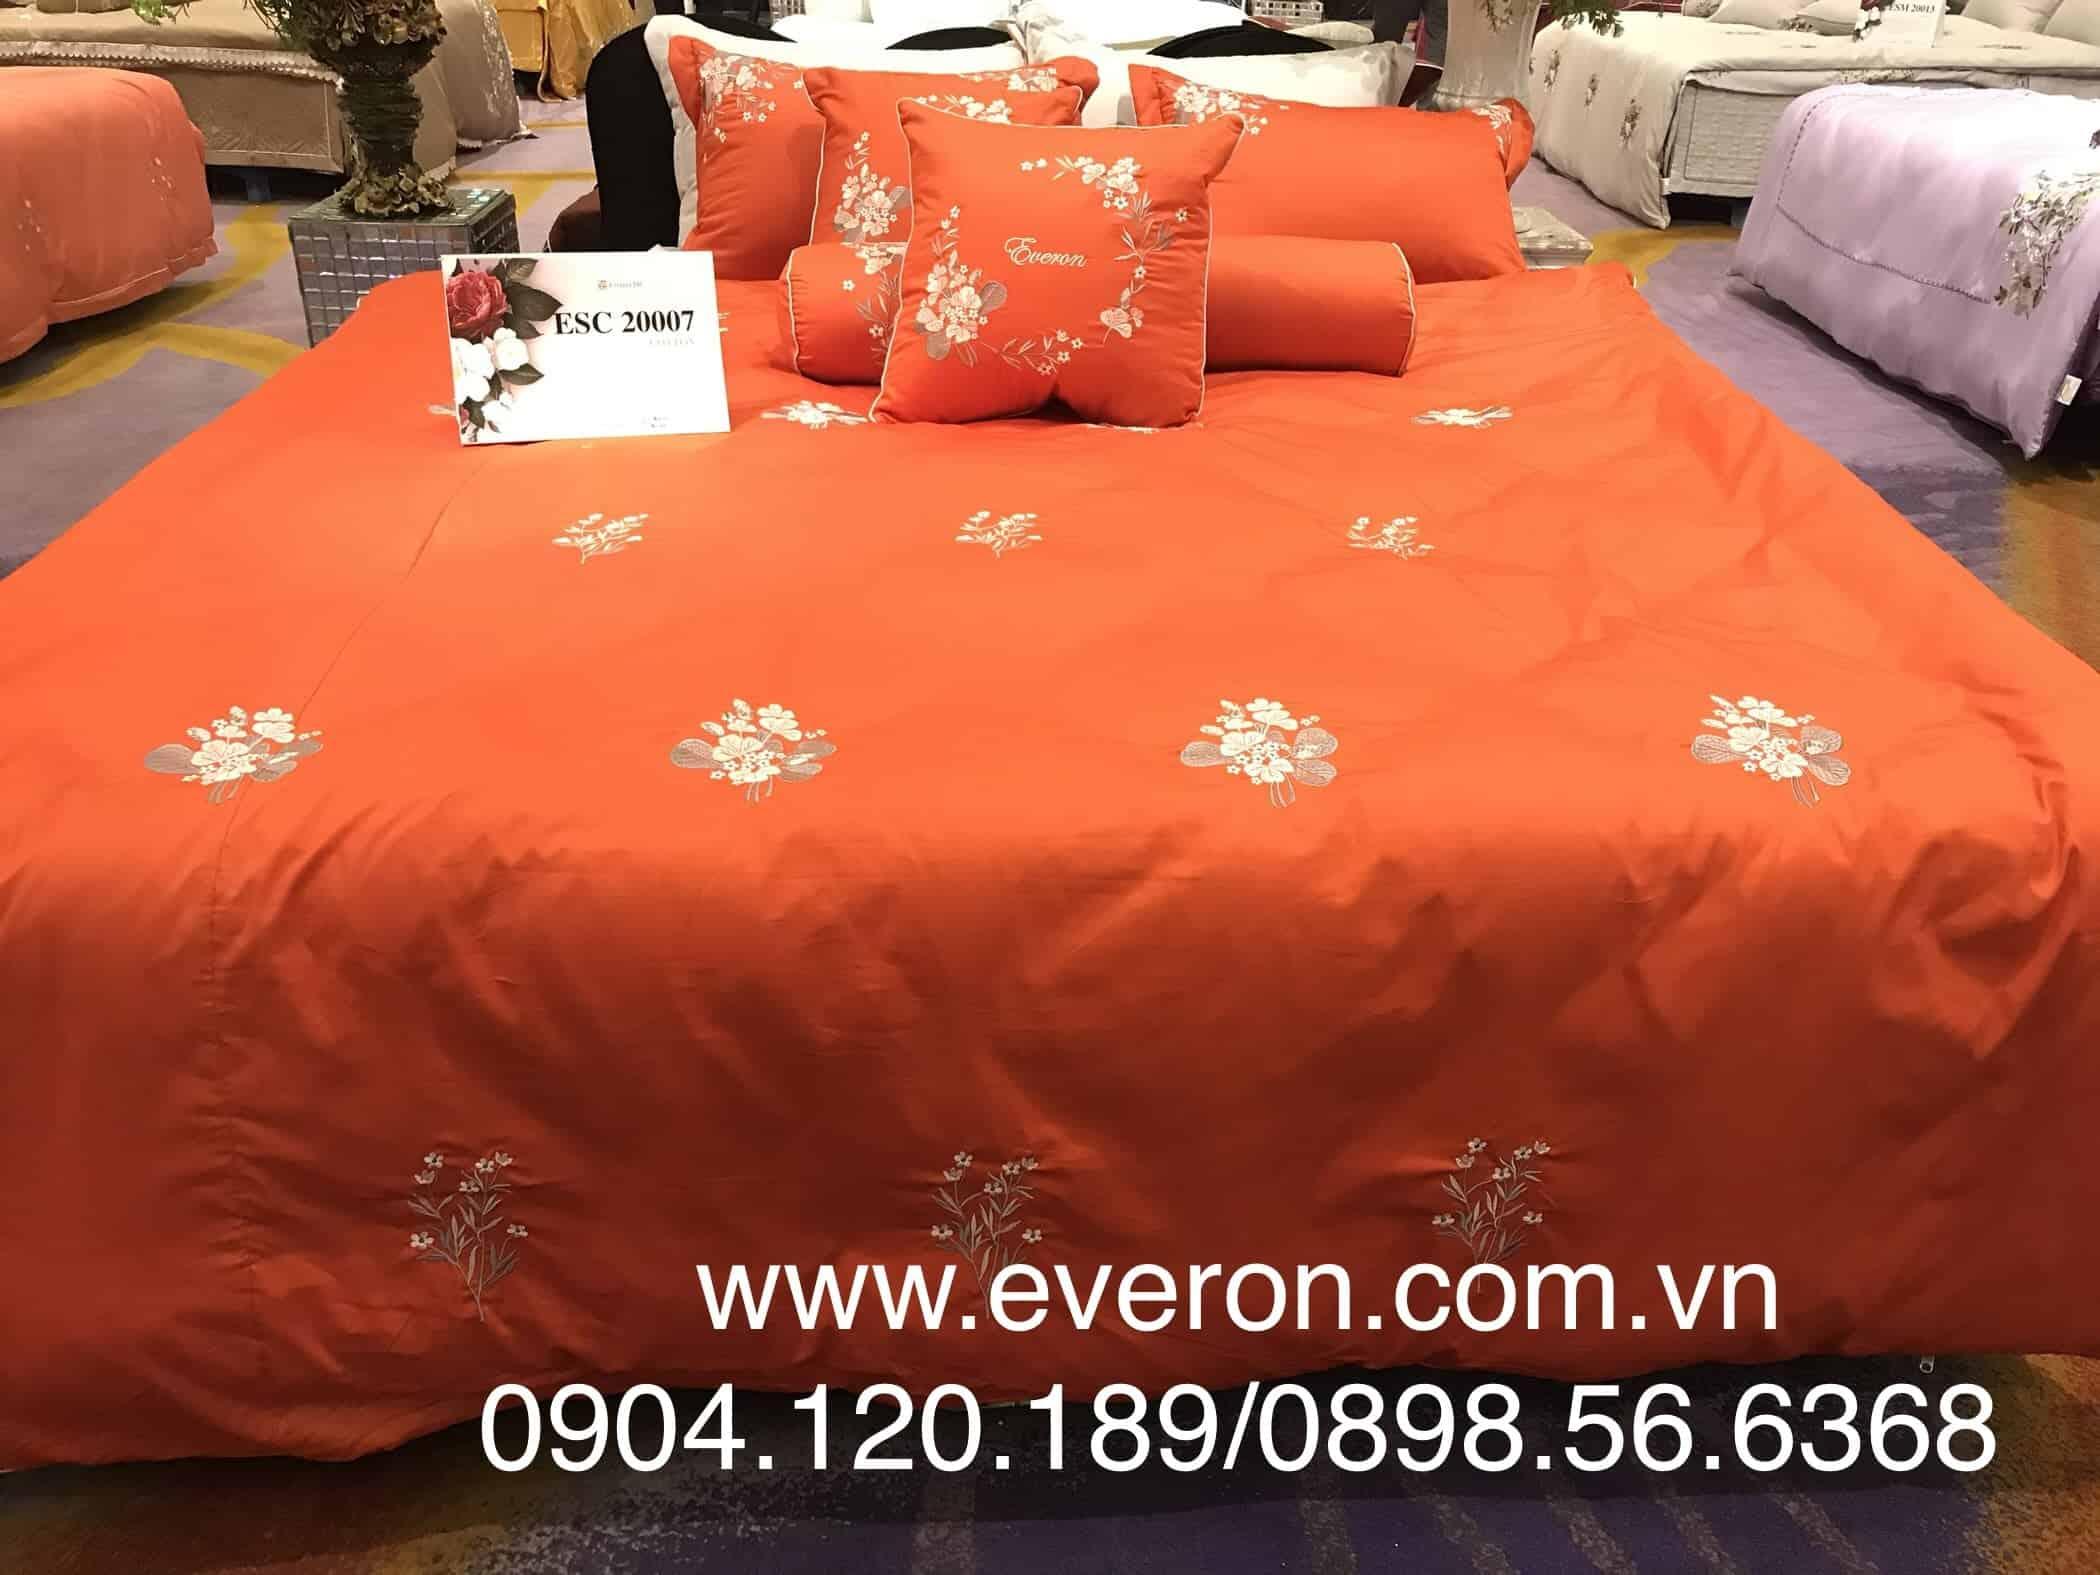 EVERON ESC 20007